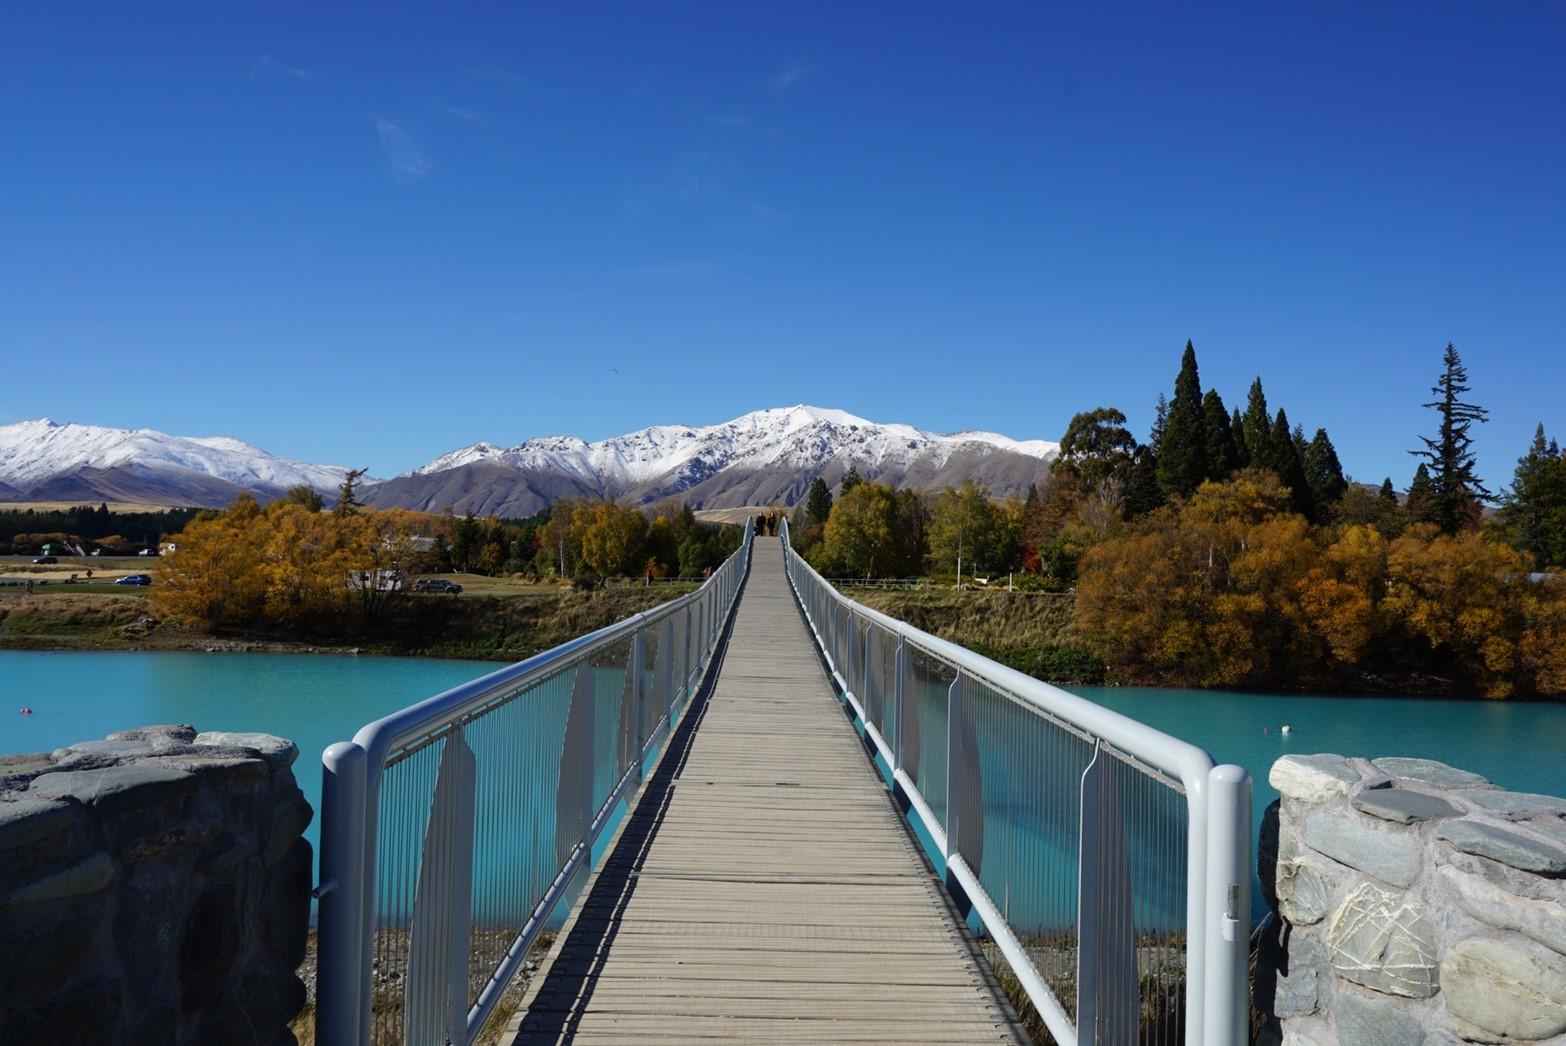 家族3人でクライストチャーチからテカポ湖まで定期路線バスで日帰りで行ってきました。(因みに帰りは夕方発の路線バスがなかったので、日本語ガイド付き定期観光バスでした)天候は快晴で、テカポ湖の景色は最高でした。自然がこんなにもきれいなものかと感動しました。ニュージーランドに行った時には絶対に行くところです。リピーターが多いのも納得です。